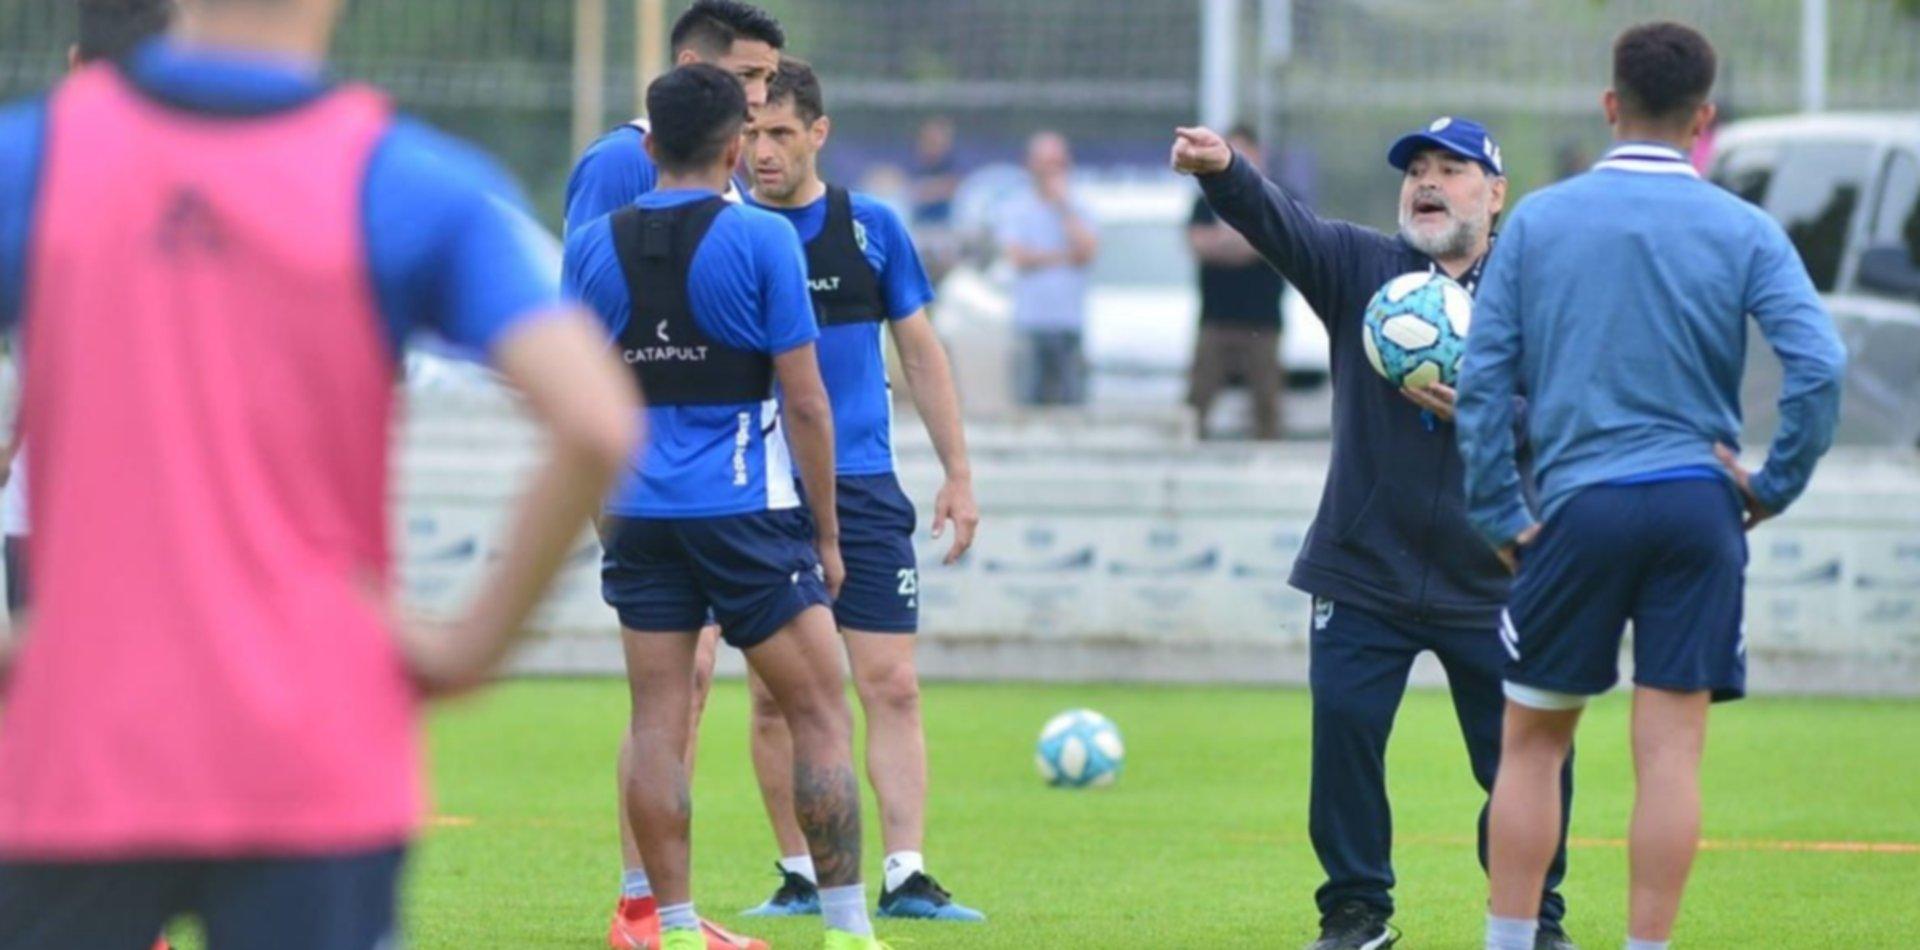 Gimnasia prepara el duelo ante Unión y Maradona empieza a definir el equipo